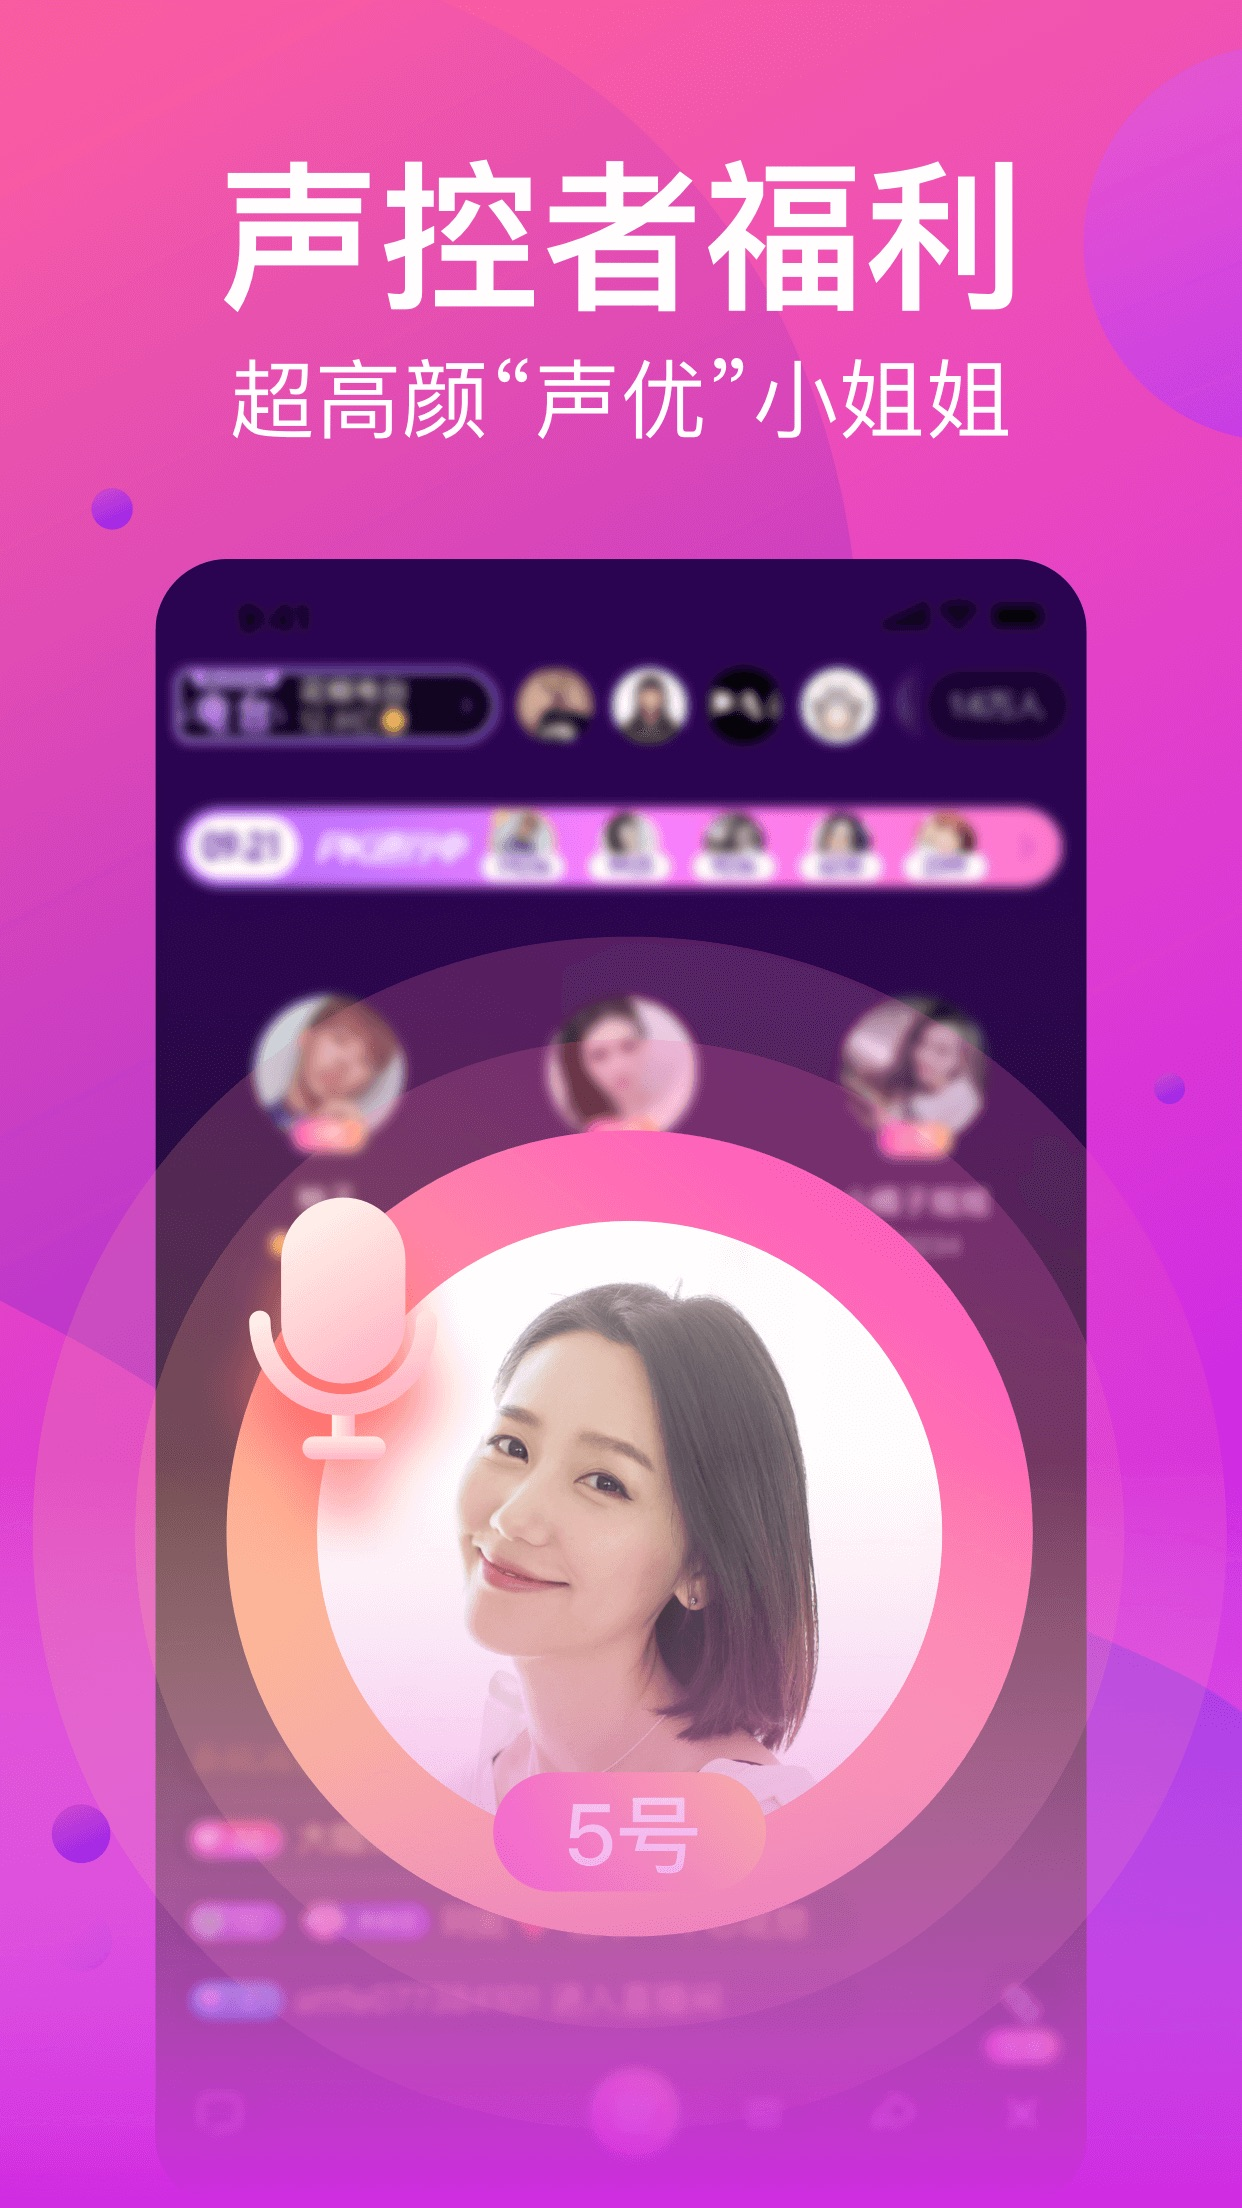 花椒直播-高颜美女帅哥都在玩的直播平台 Screenshot